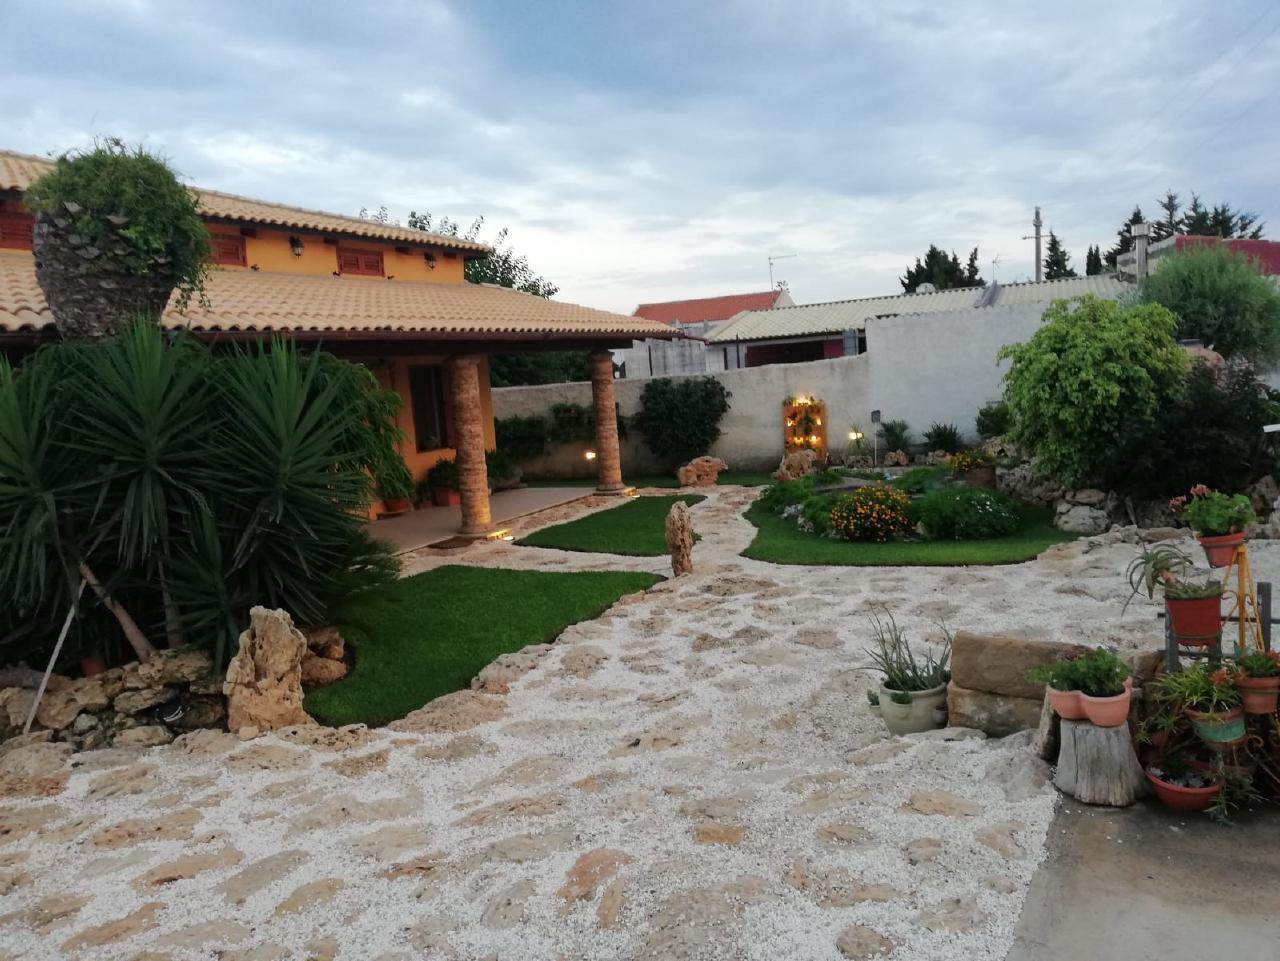 Ferienhaus Villalena-siracusa.it (MANSARDA) (2575137), Siracusa, Siracusa, Sizilien, Italien, Bild 12